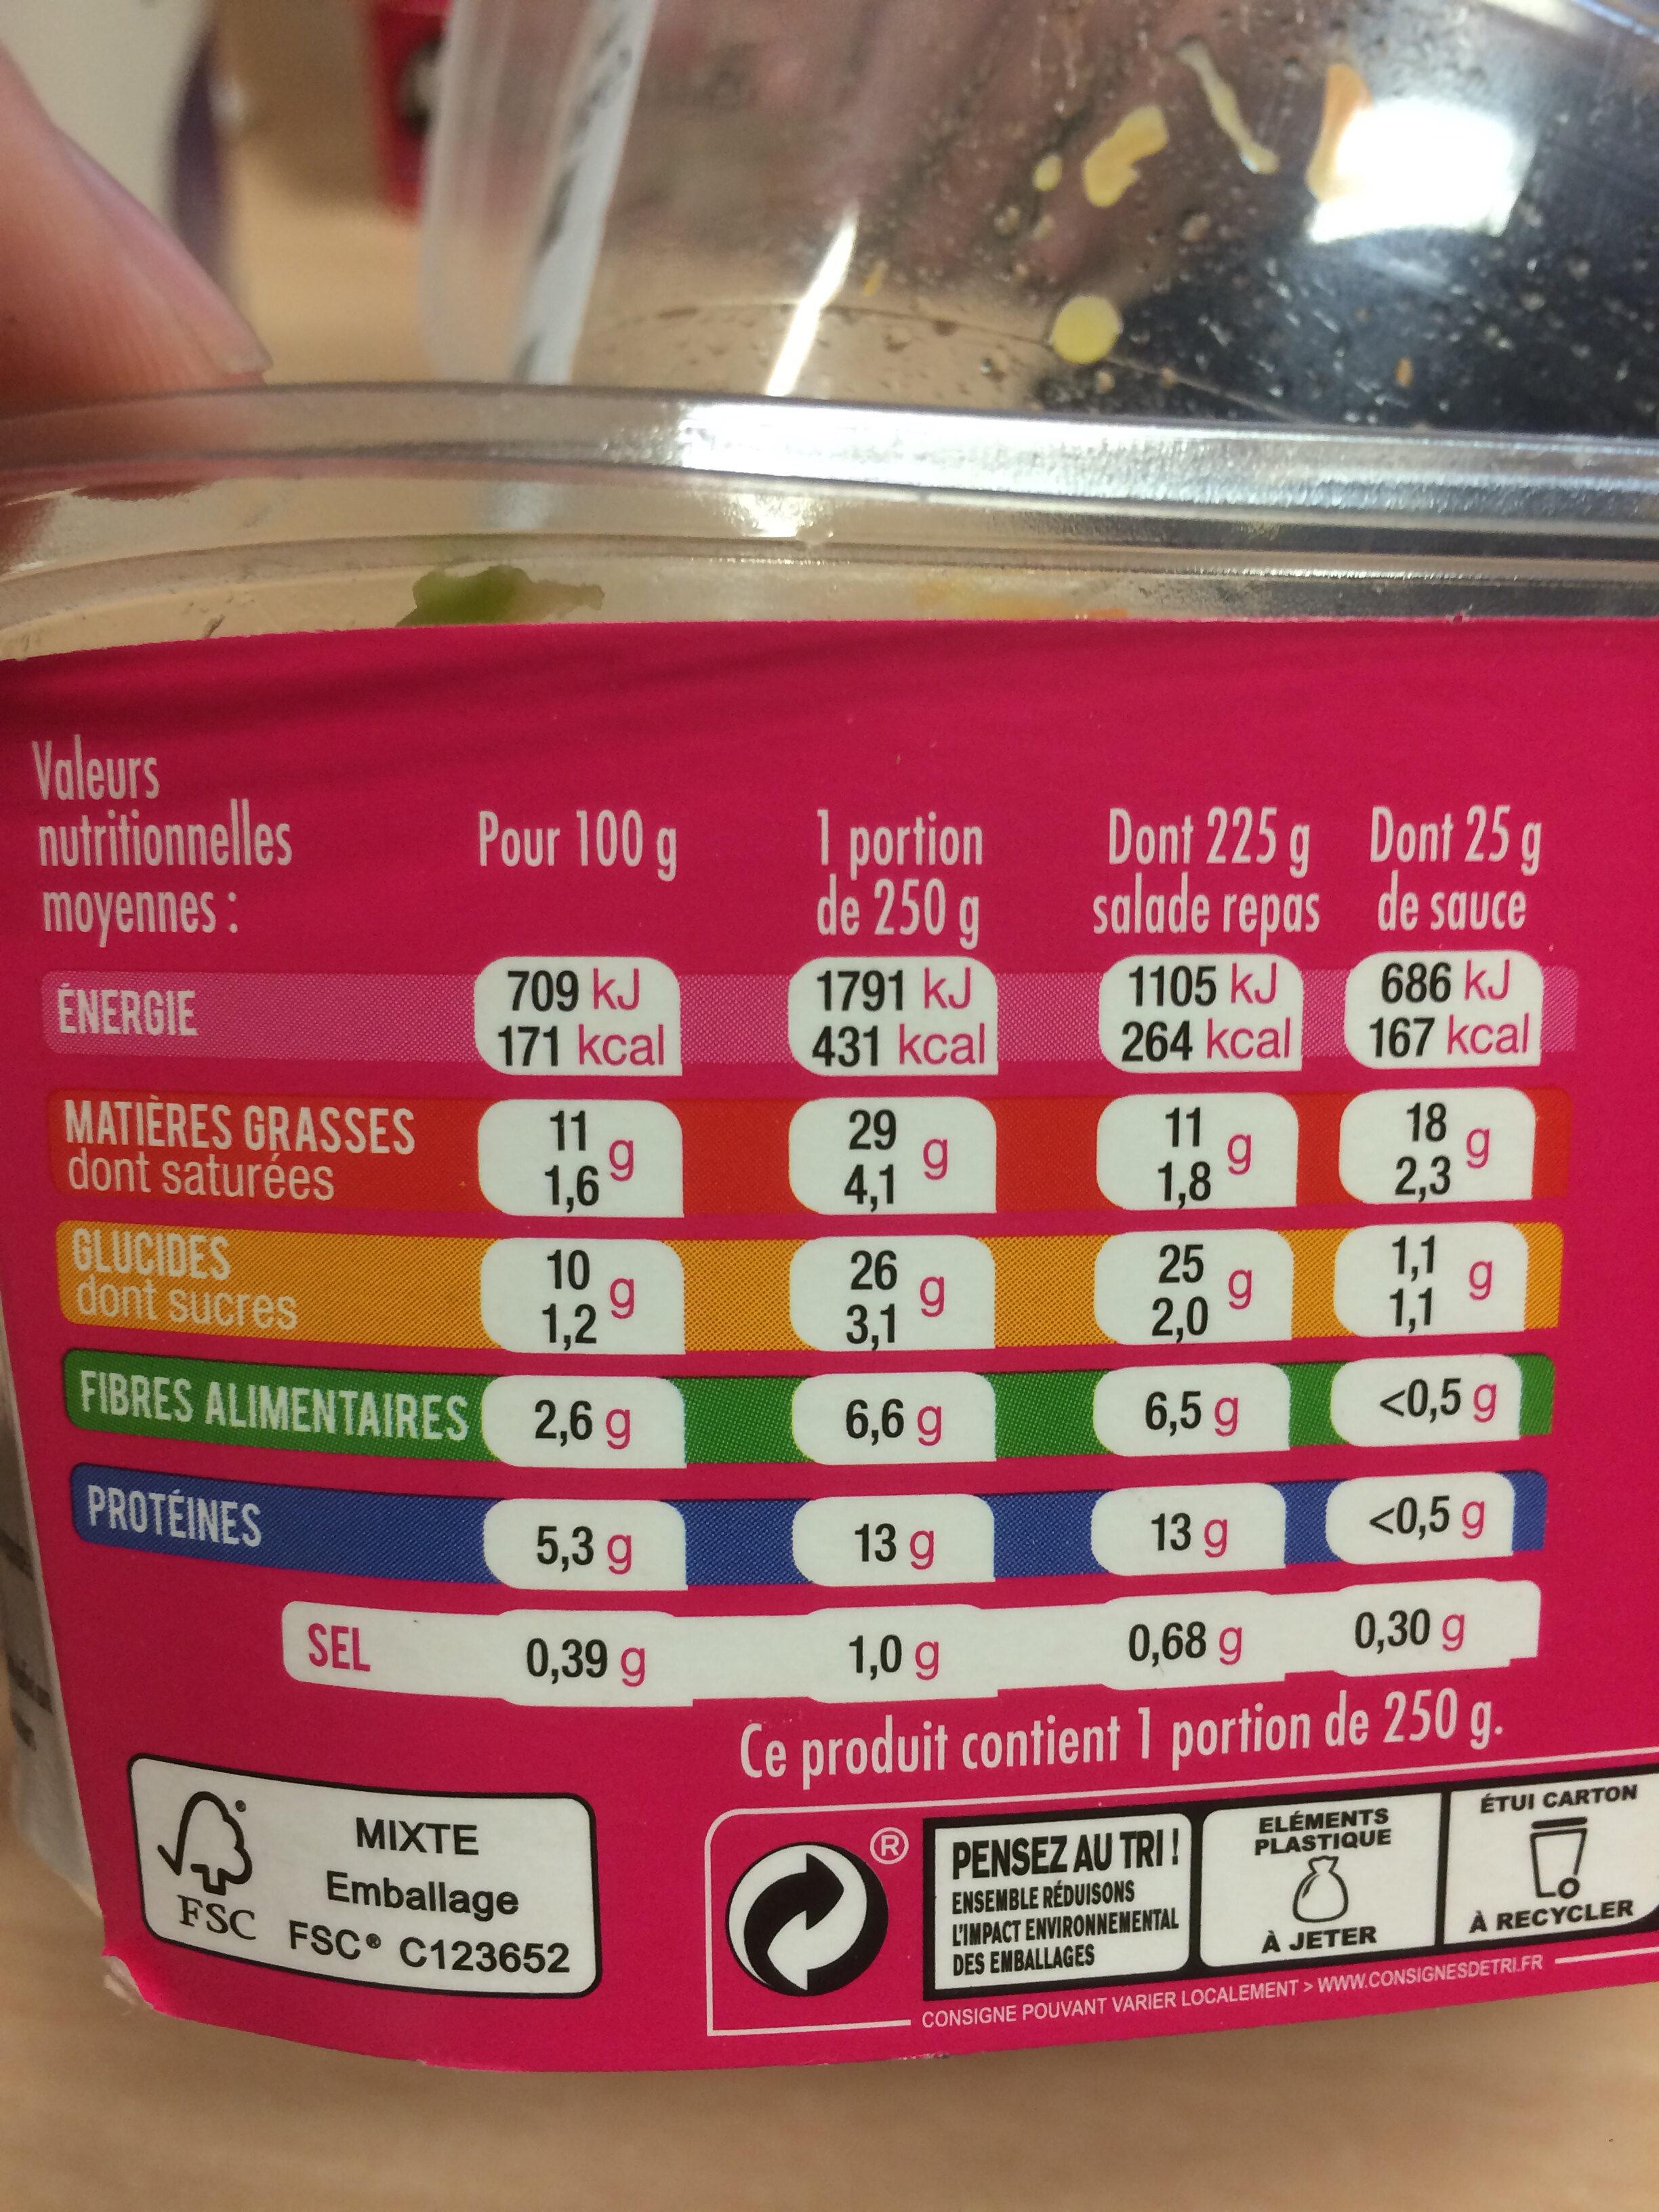 Mix - Salade et céréales Thon  Avocat - Informations nutritionnelles - fr